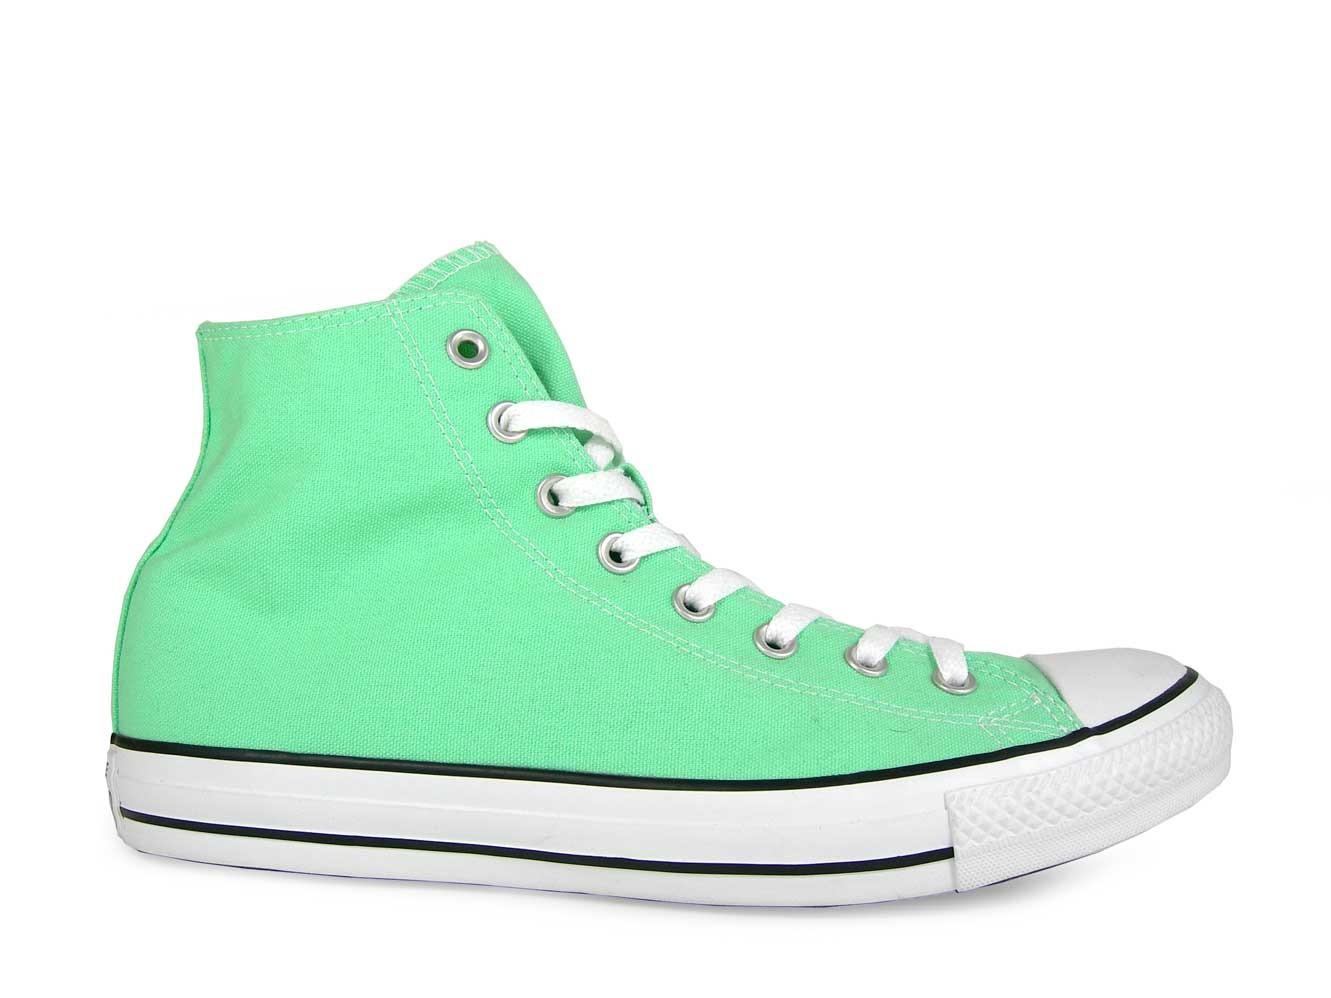 2cc03f22af9 all star converse dames schoenen maat 42 43 44   grotemaatschoenen.nl